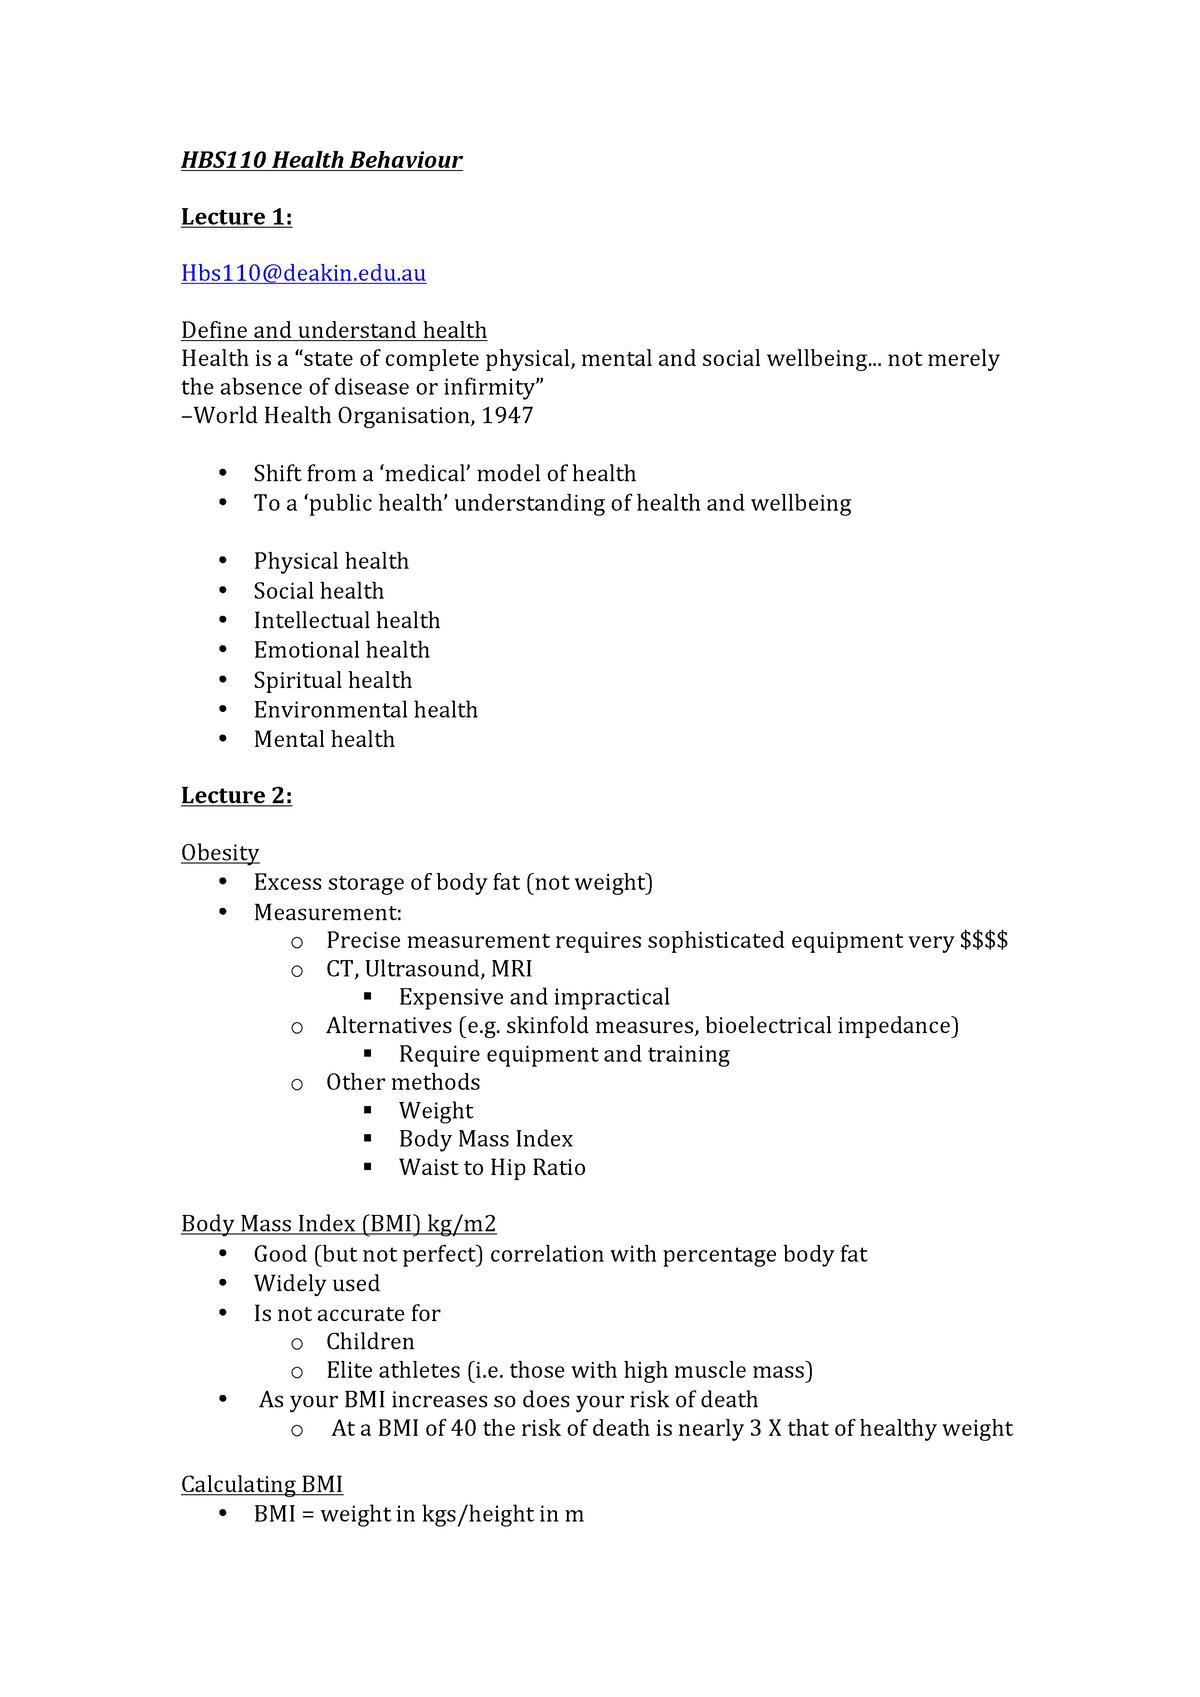 HBS110 Health Behaviour lecture notes - HBS110: Health Behaviour